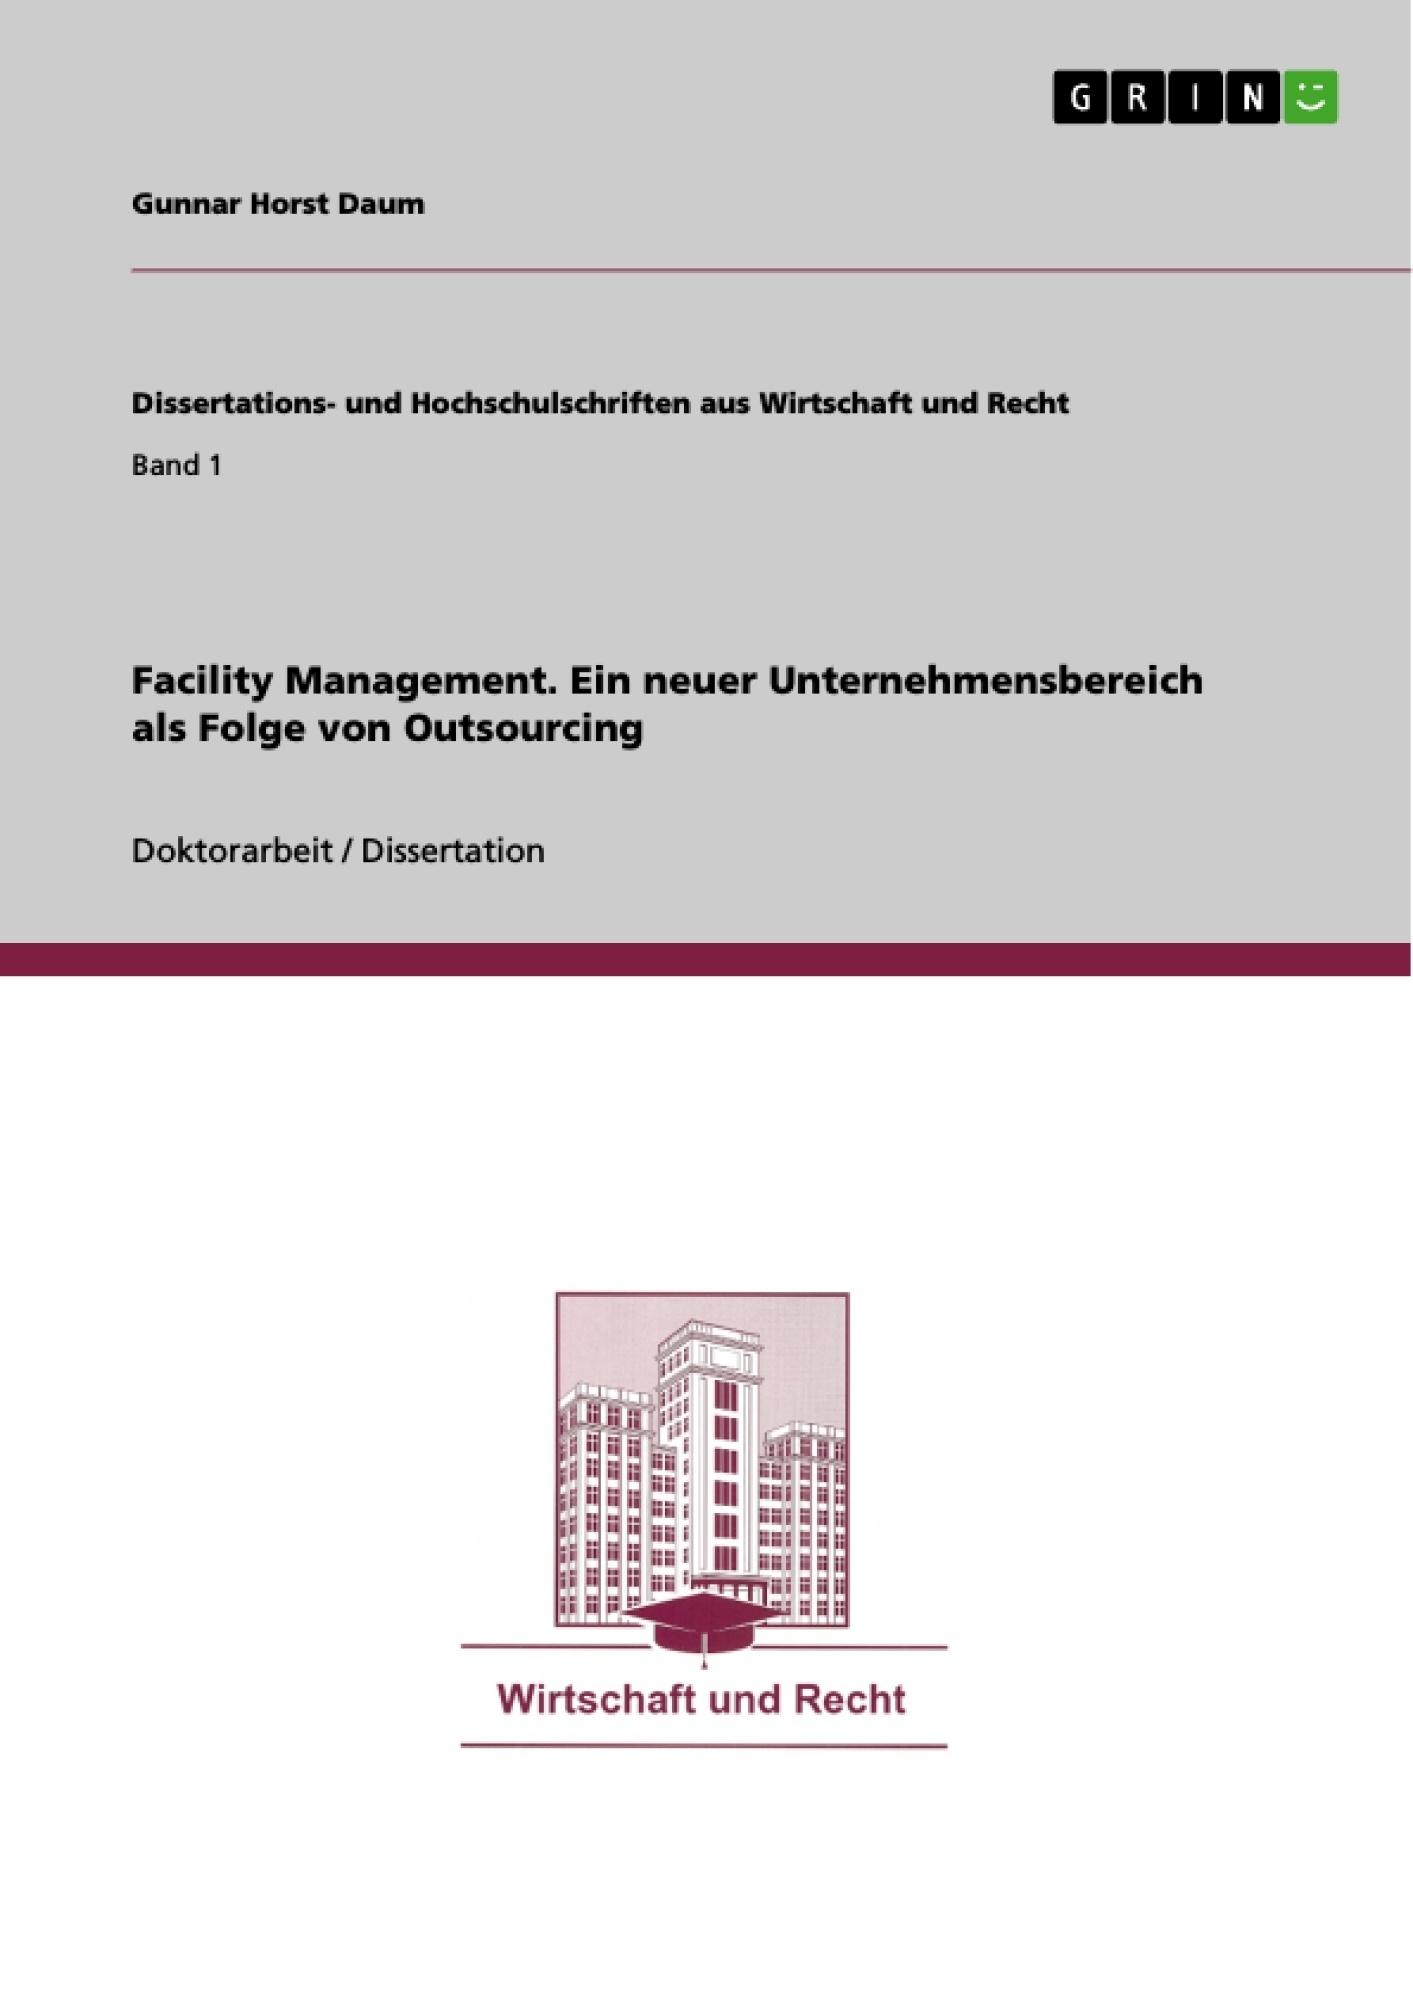 Titel: Facility Management. Ein neuer Unternehmensbereich als Folge von Outsourcing